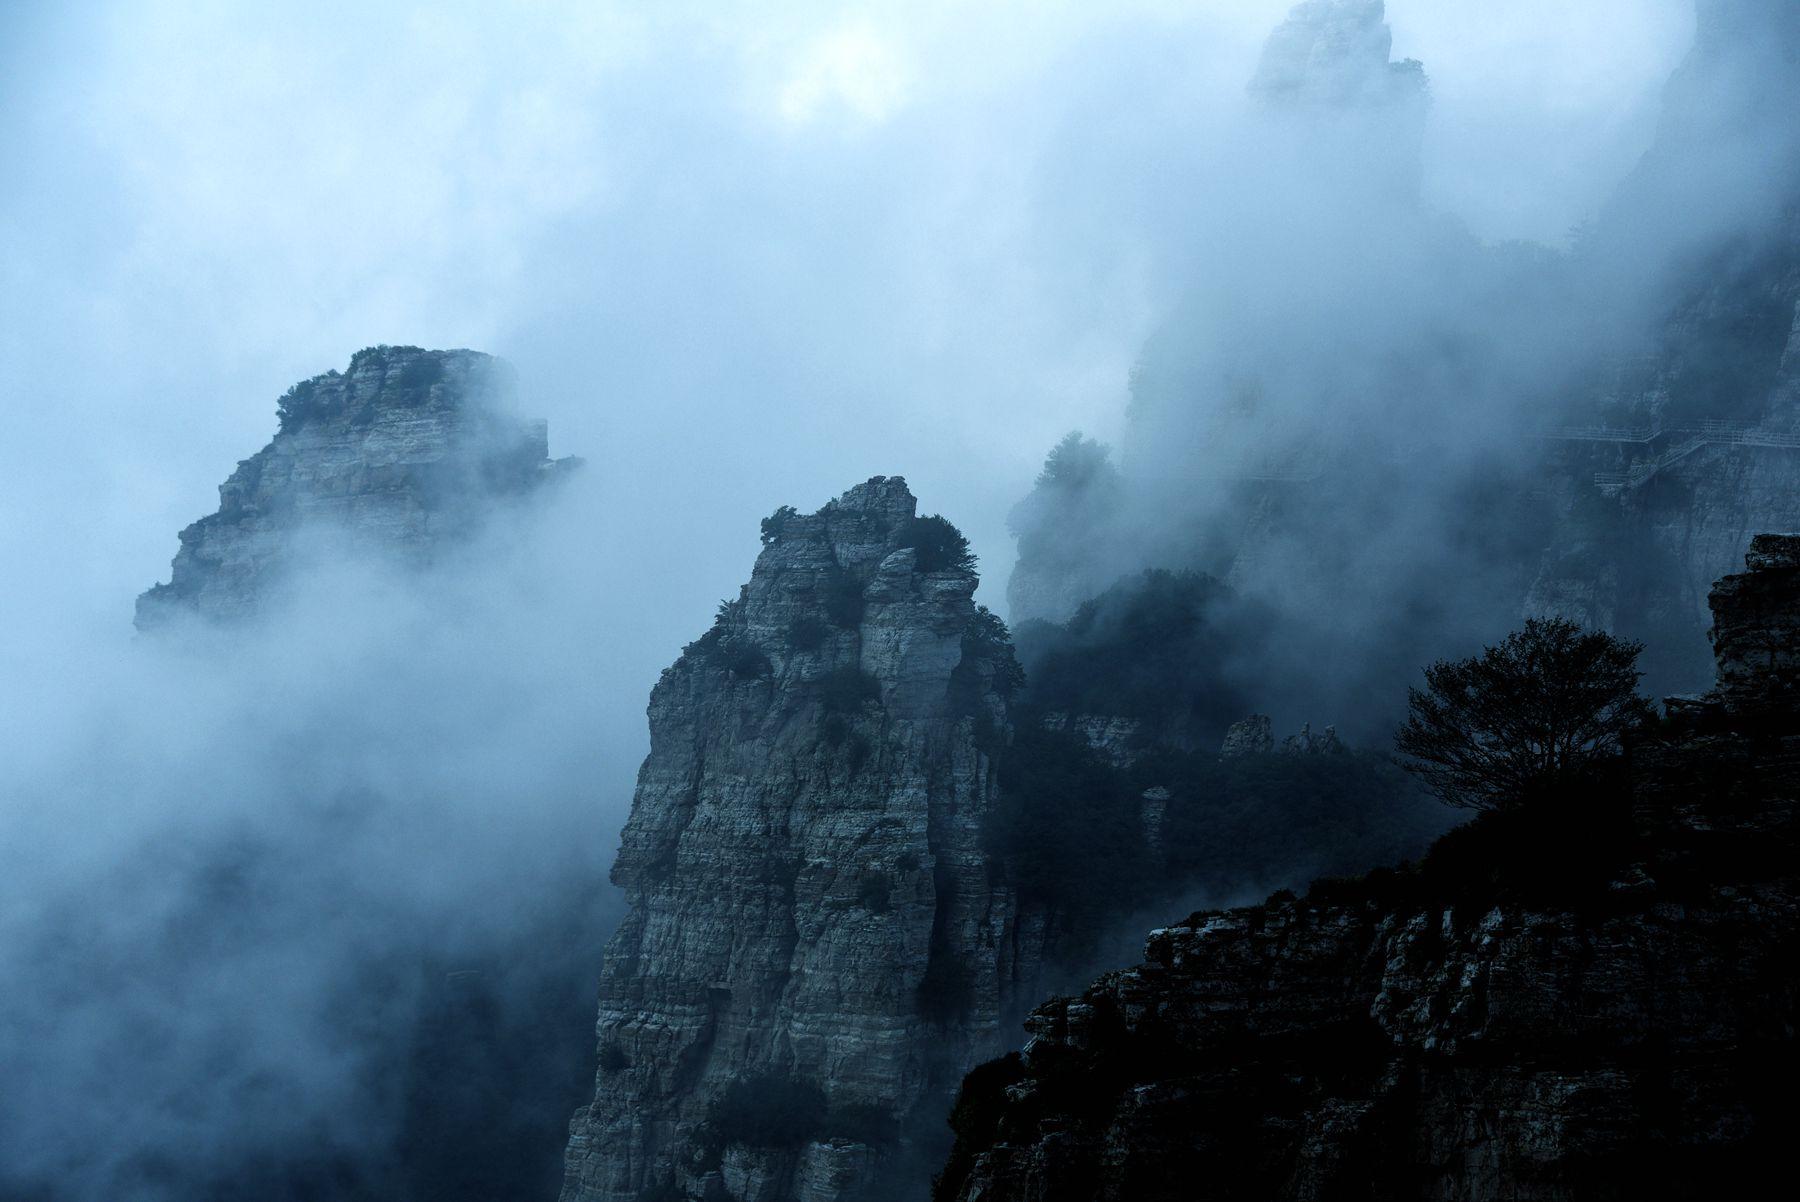 加入京内  扫一扫,用微信登录  x  河北白石山风景如画,云雾缭绕,是个